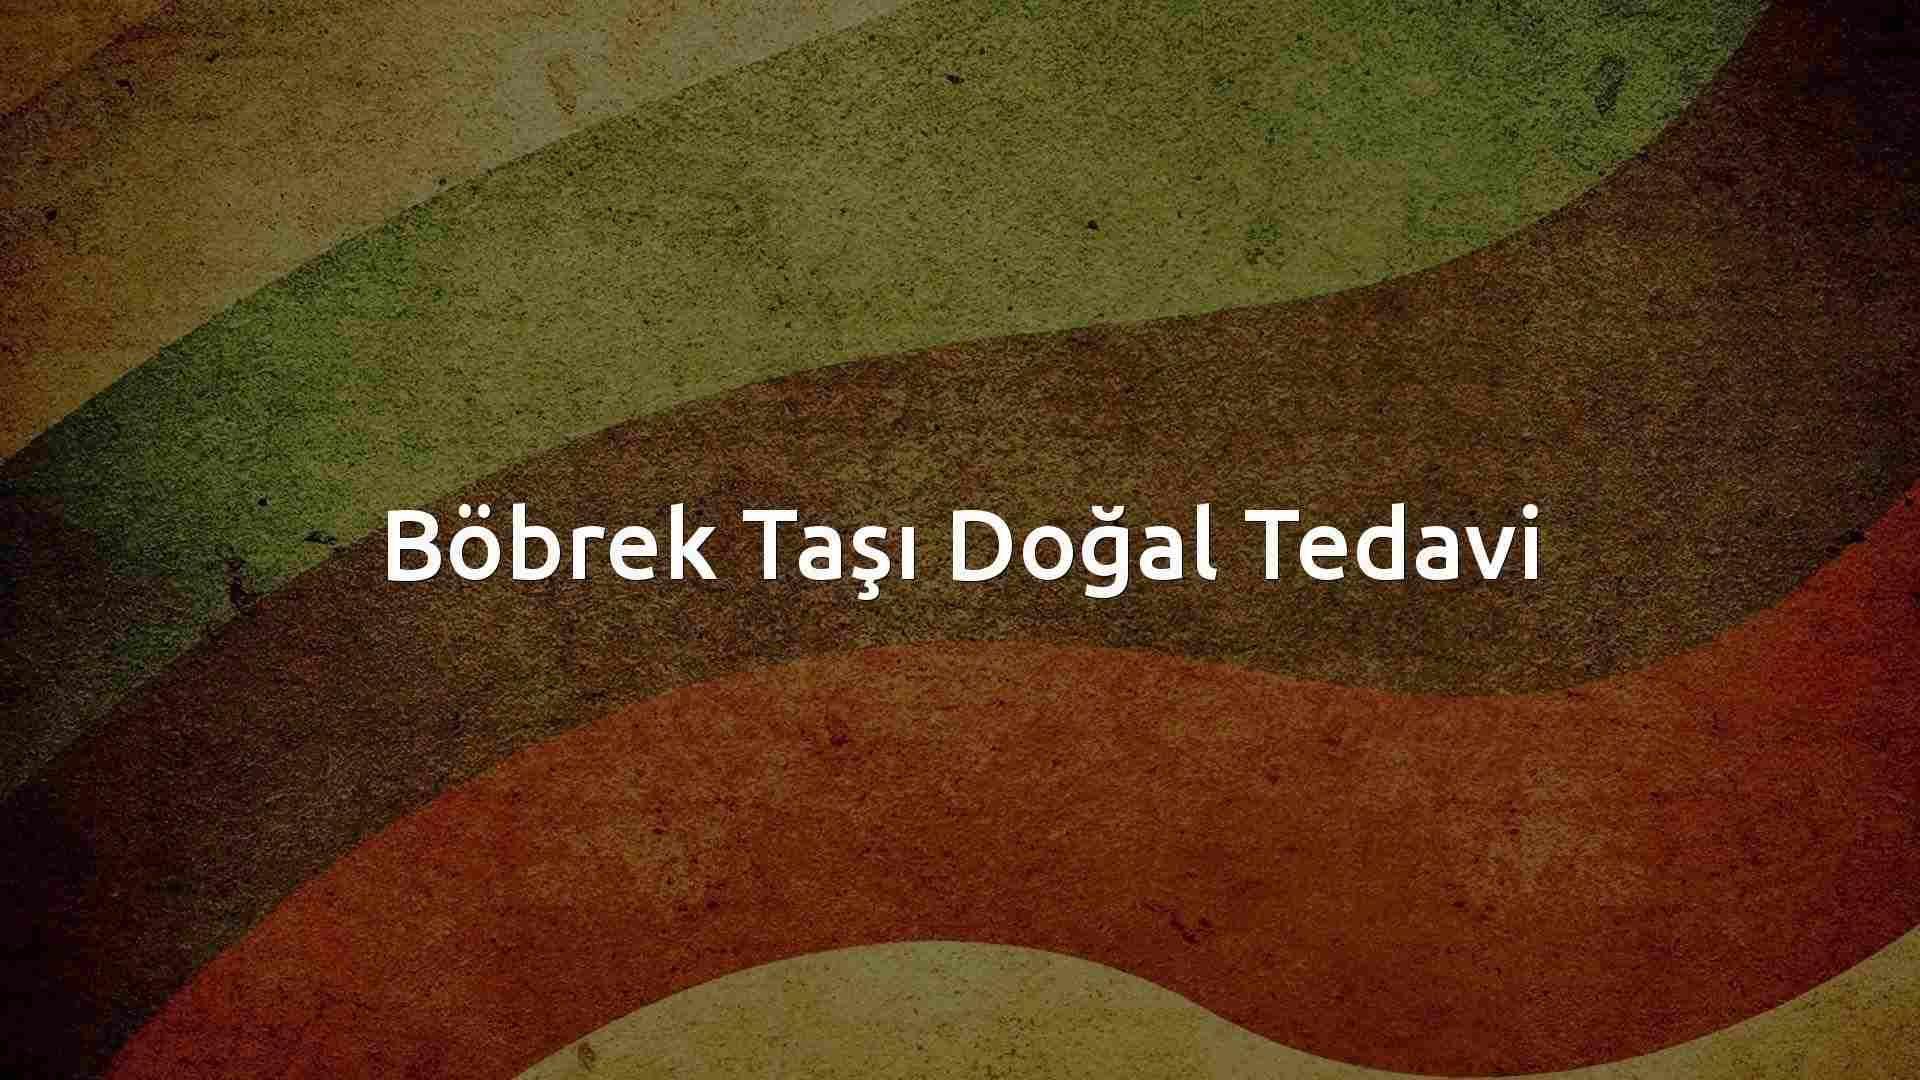 İbrahim Saraçoğlu Böbrek Taşı Kürü Tarifi